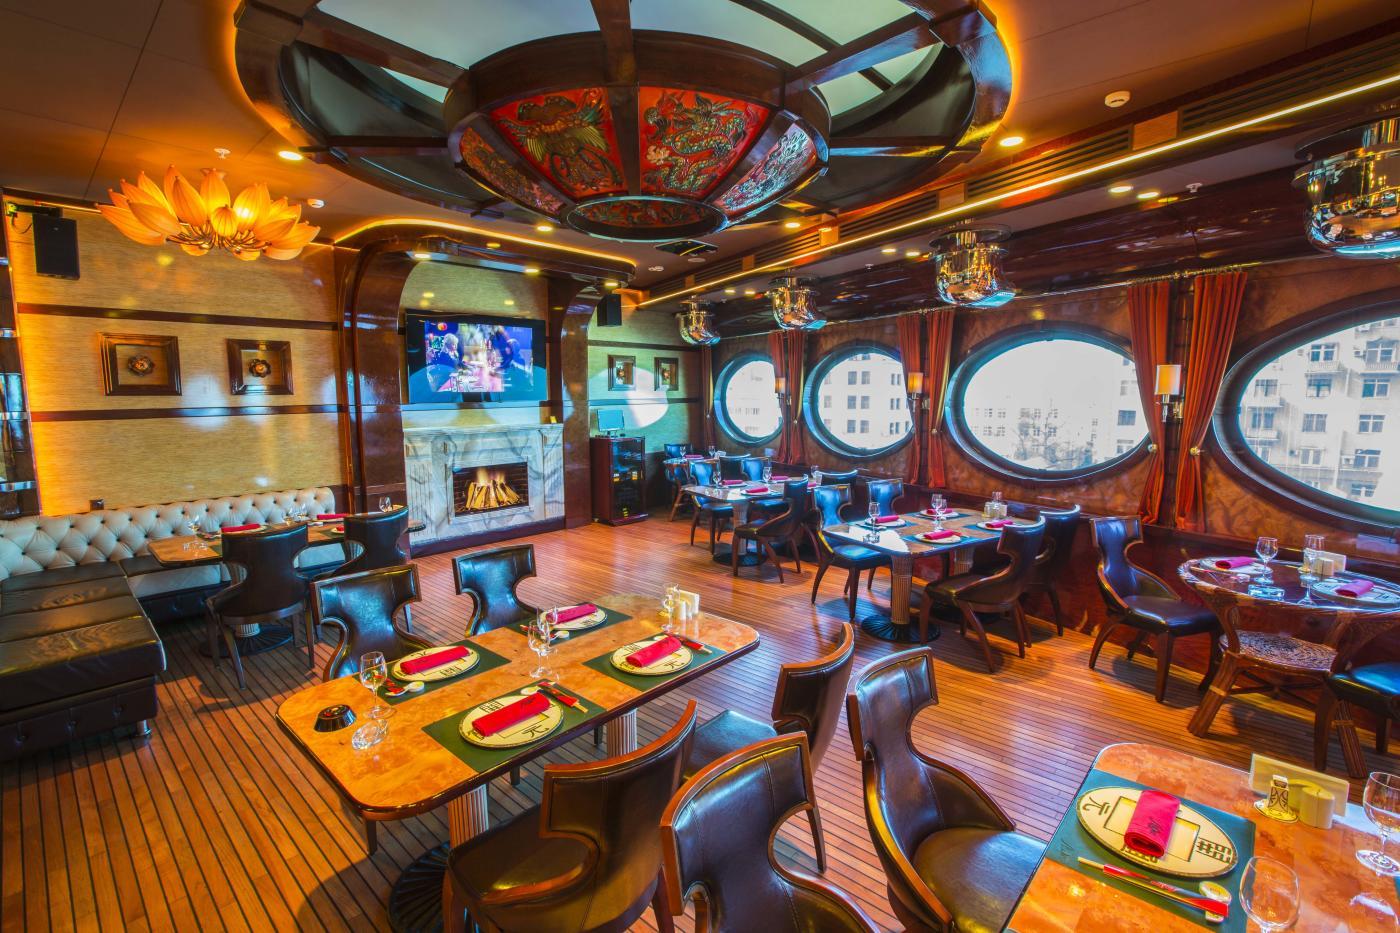 Ресторан нэко, казино слава санкт-петербург игровые автоматы играть бесплатно и без регистрации новые игры вулкан